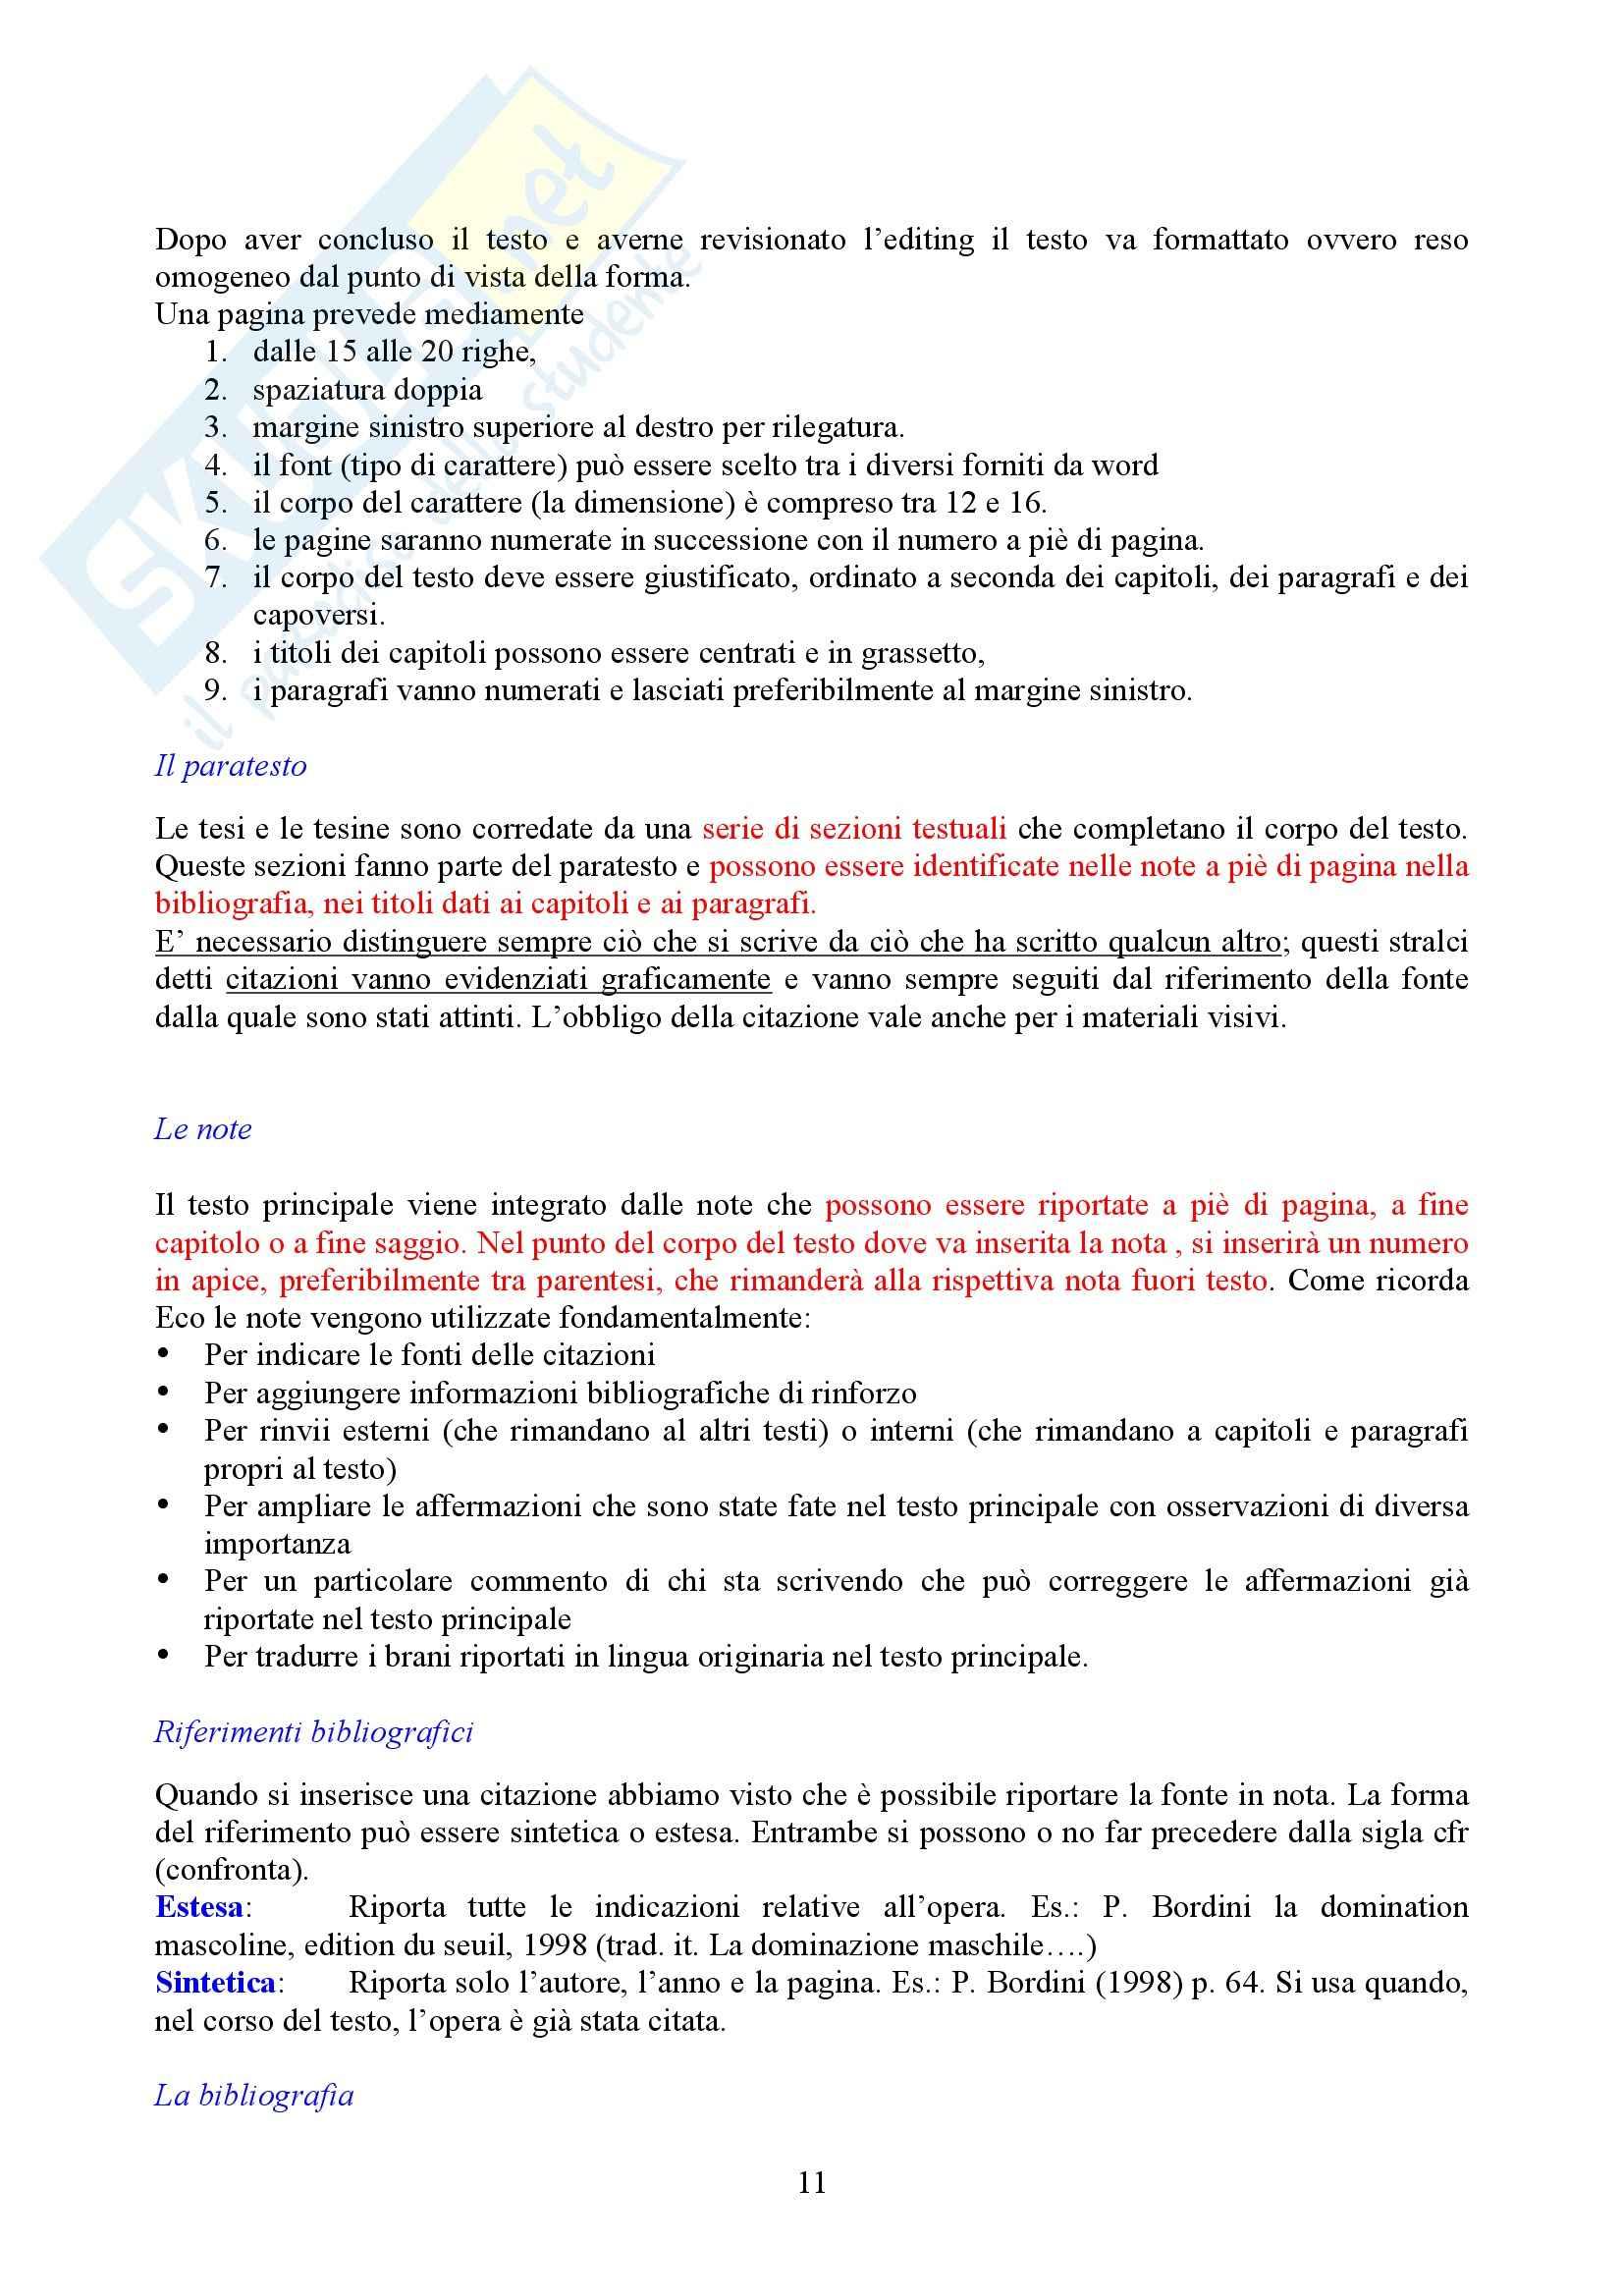 Tecniche espressive e composizione testi in italiano - imparare a scrivere - Cicalese Pag. 11